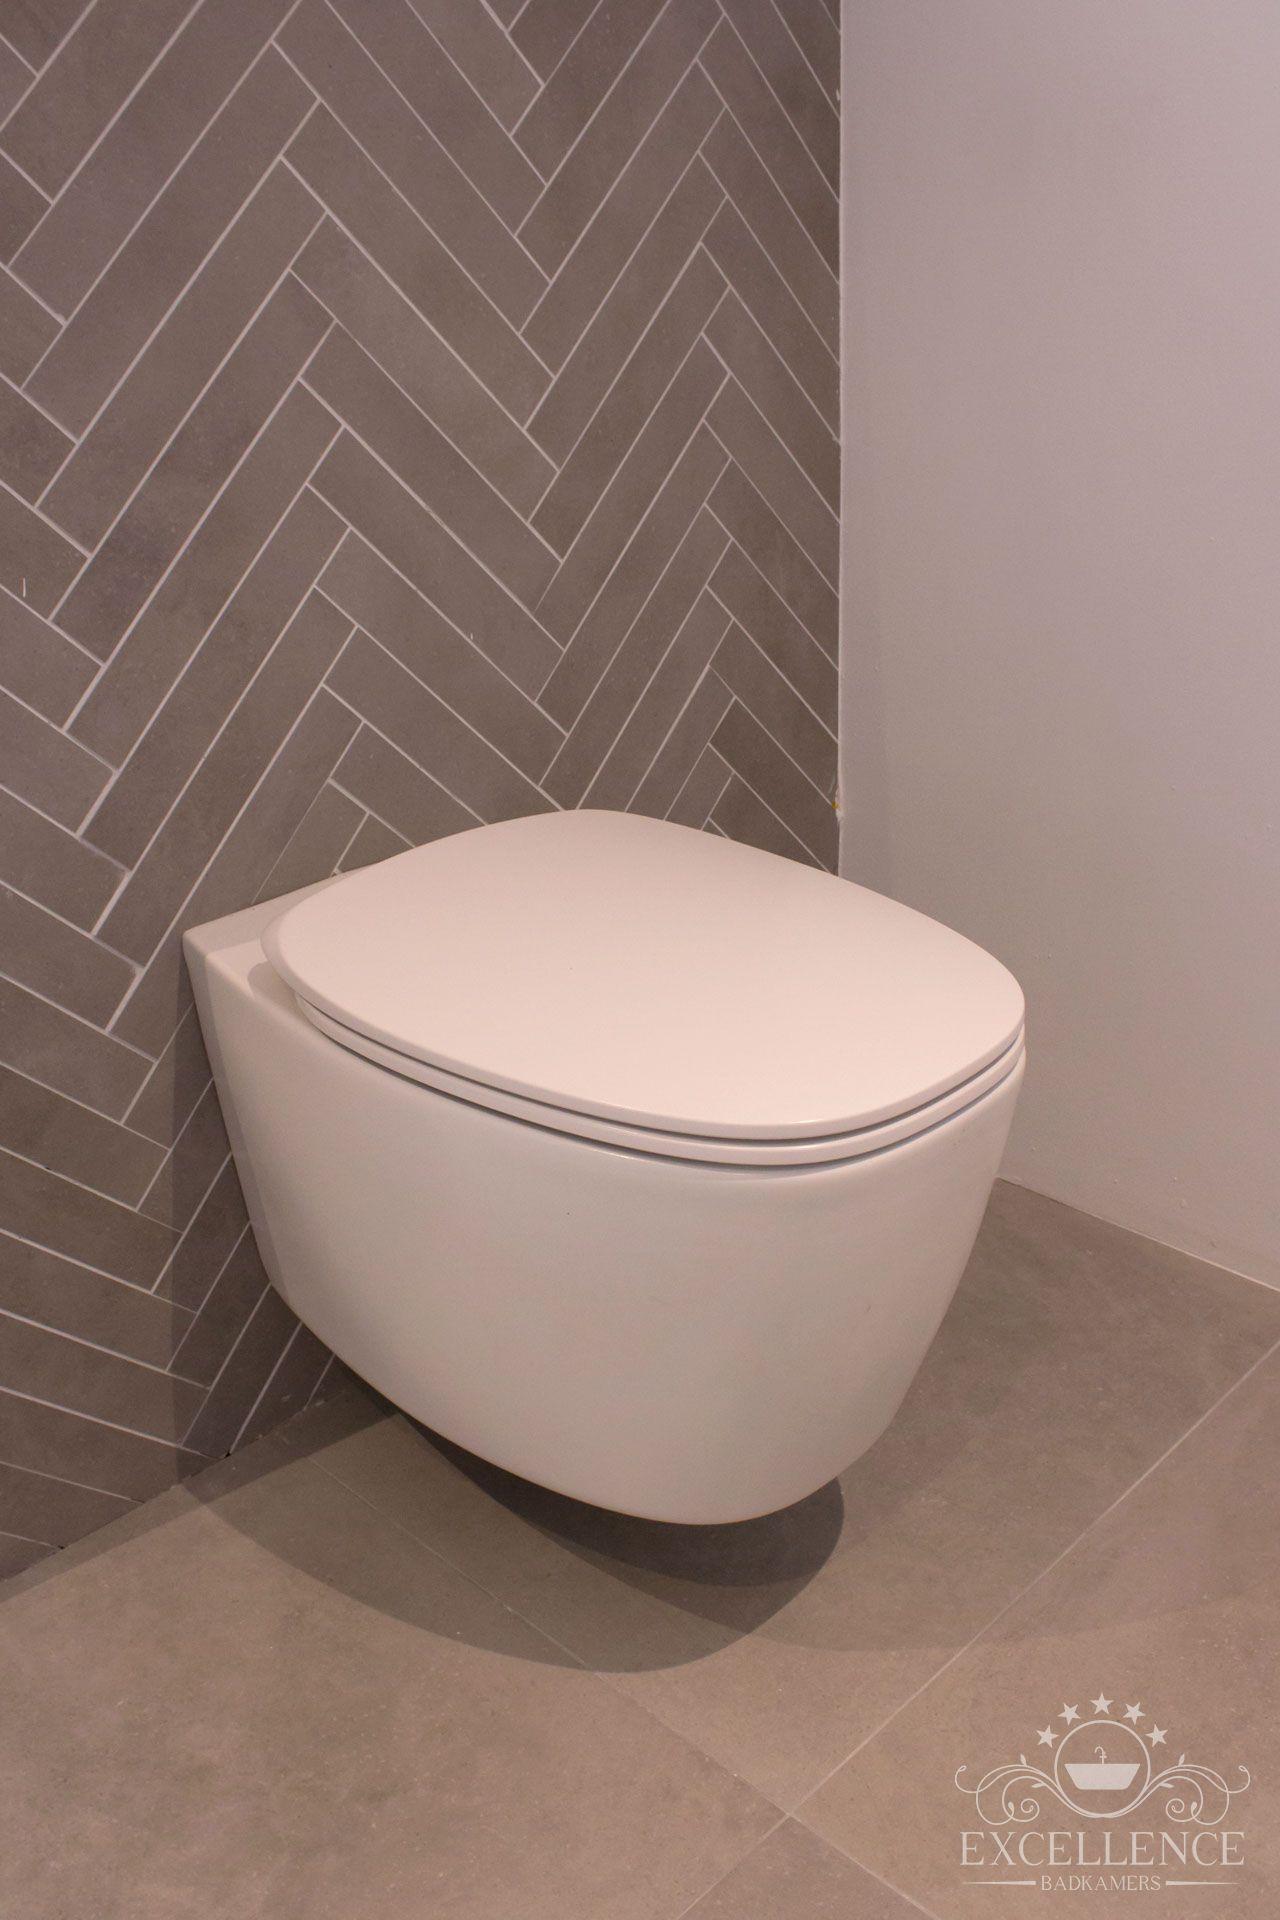 Maatwerk badkamer.Visgraad wandtegel. Design wandcloset mat wit met ...